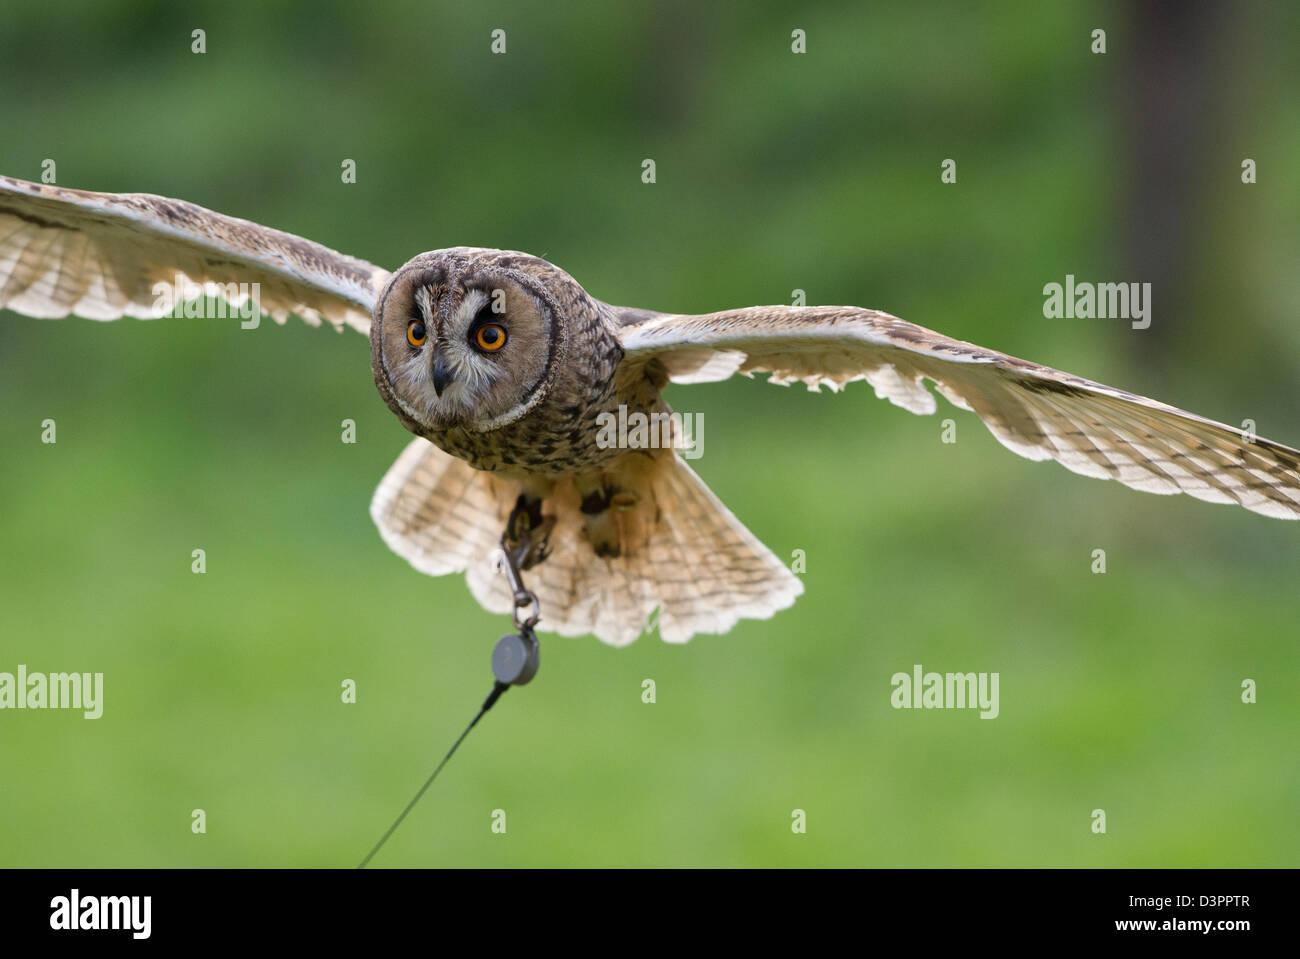 Long-eared owl (Asio otus) flying - Stock Image